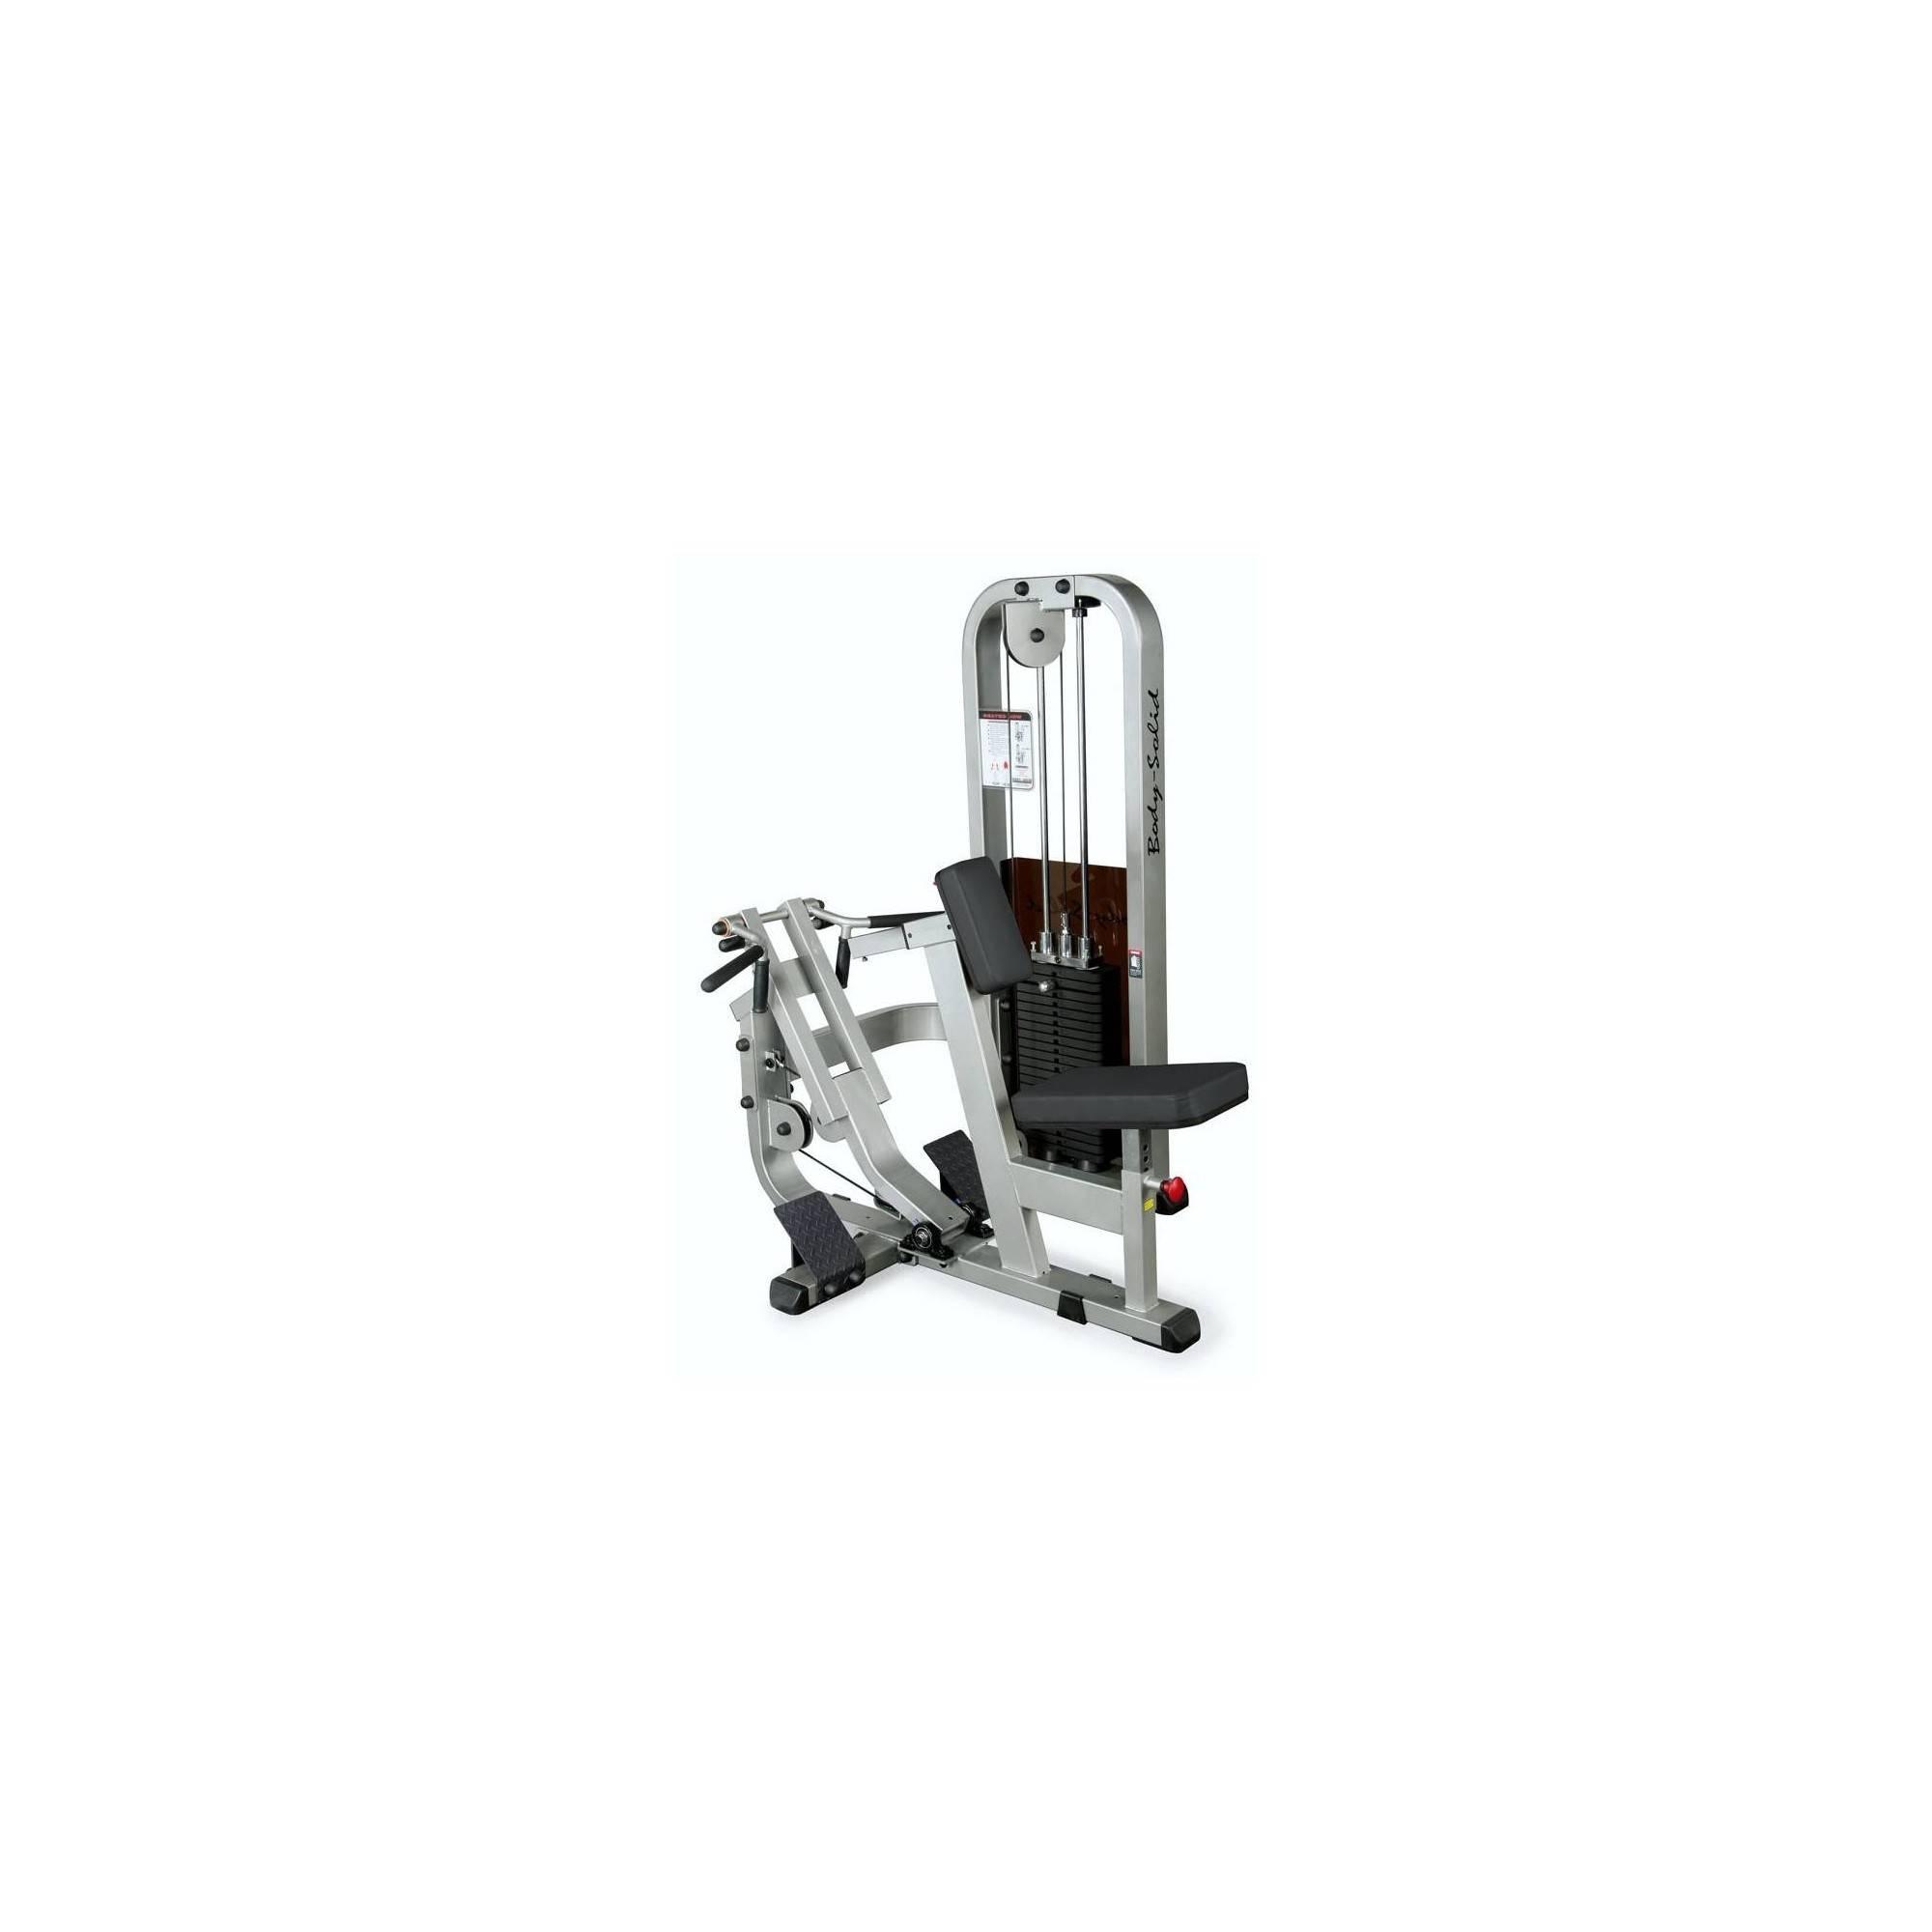 Maszyna na mięśnie najszersze grzbietu BODY-SOLID SRM-1700G/2 wioślarz siedząc,producent: BODY-SOLID, photo: 1